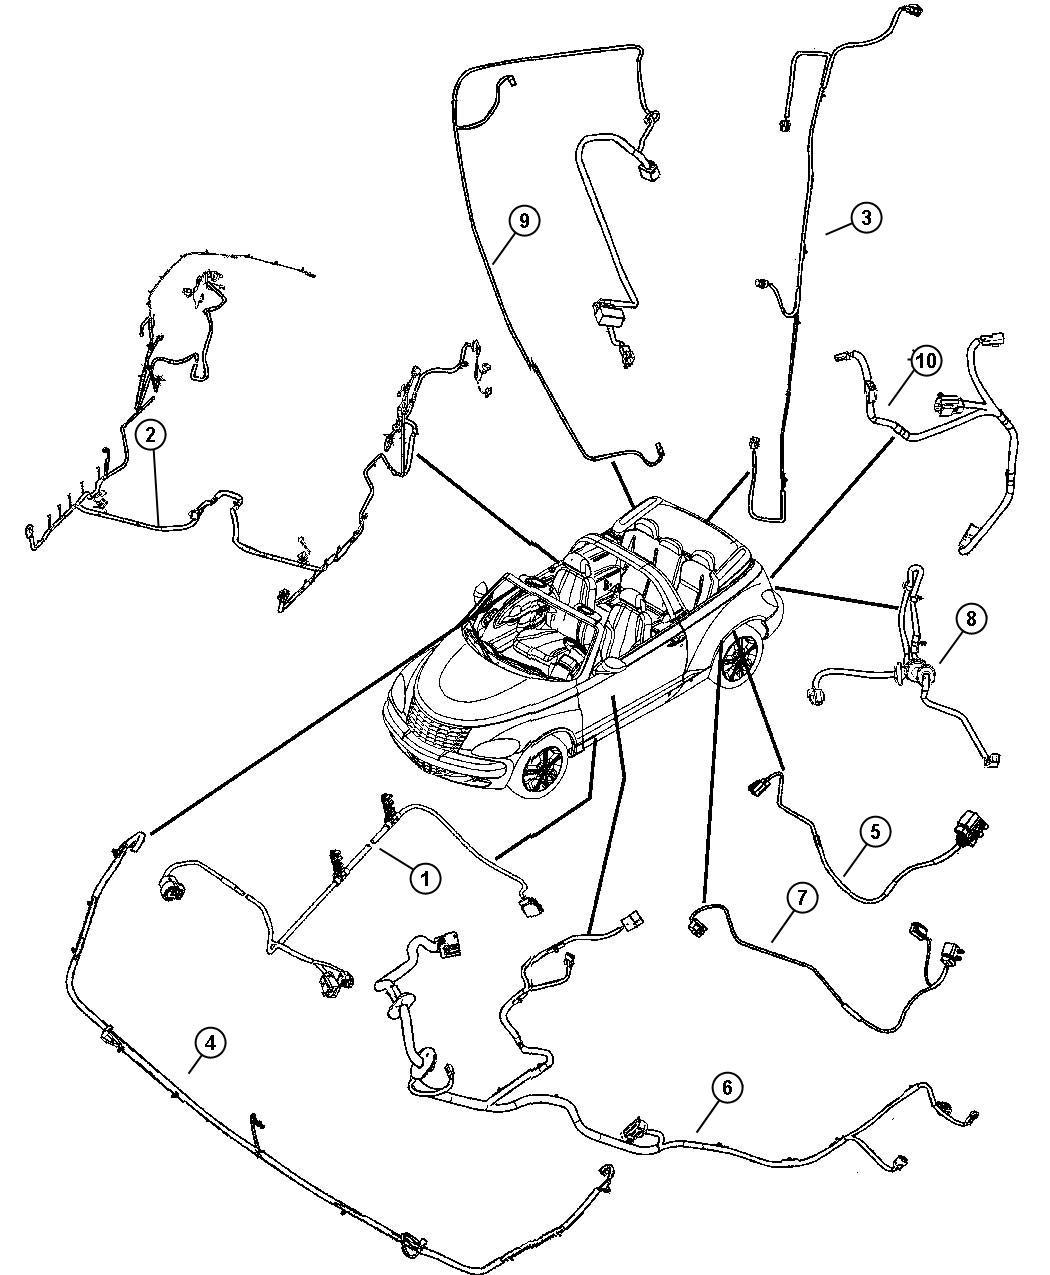 Chrysler Pt Cruiser Wiring Fuel Tank